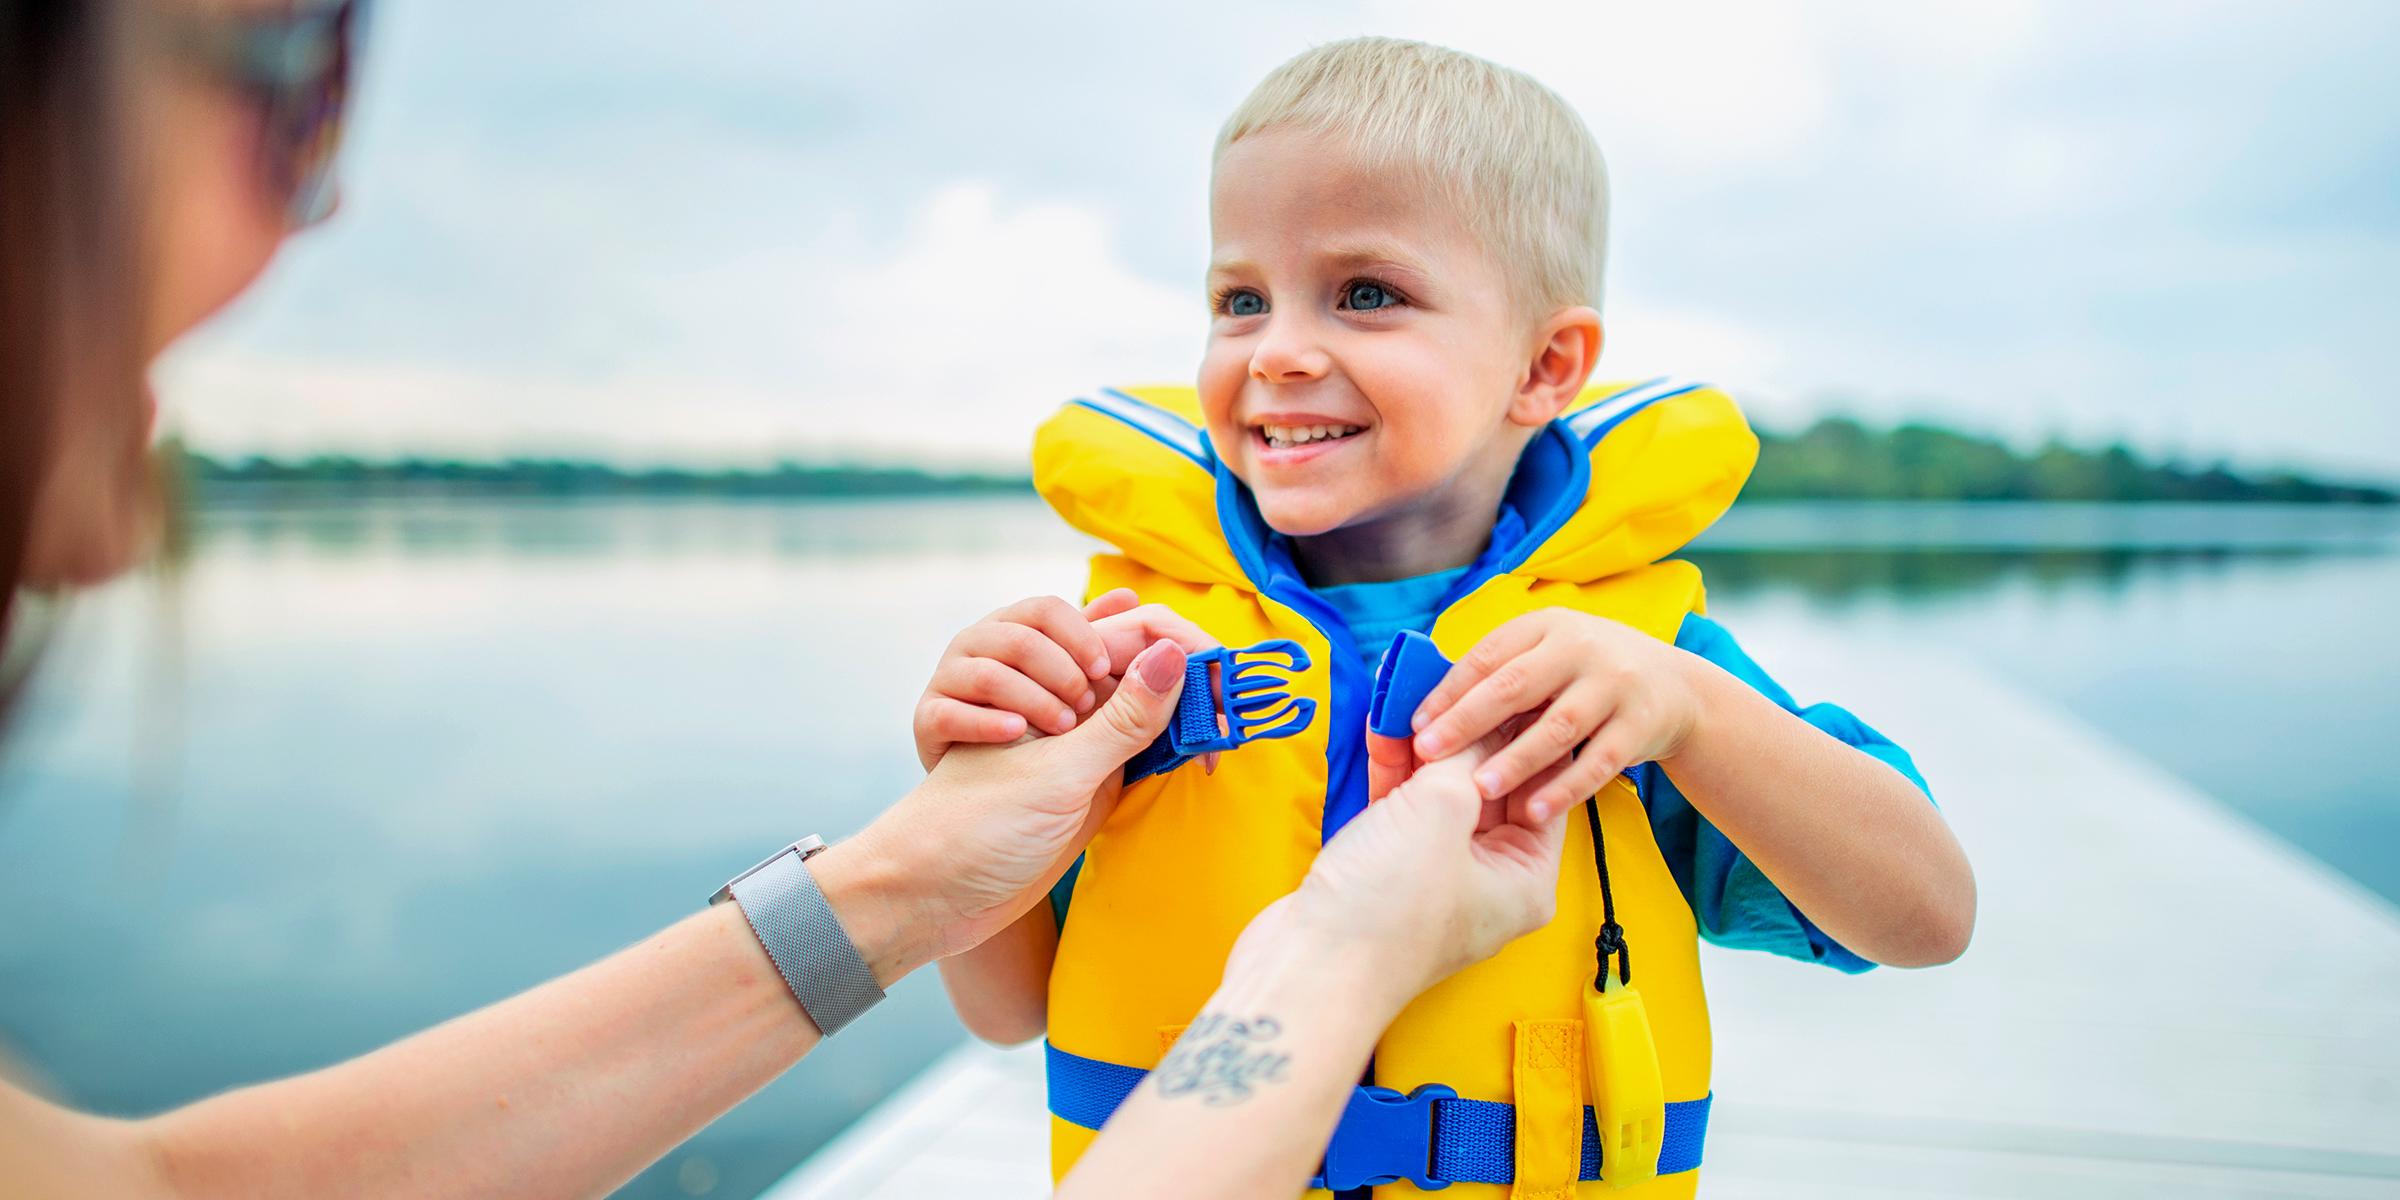 Swimming Puddle Jumper Kid Life Jacket Life Vest For Children Life Jackets